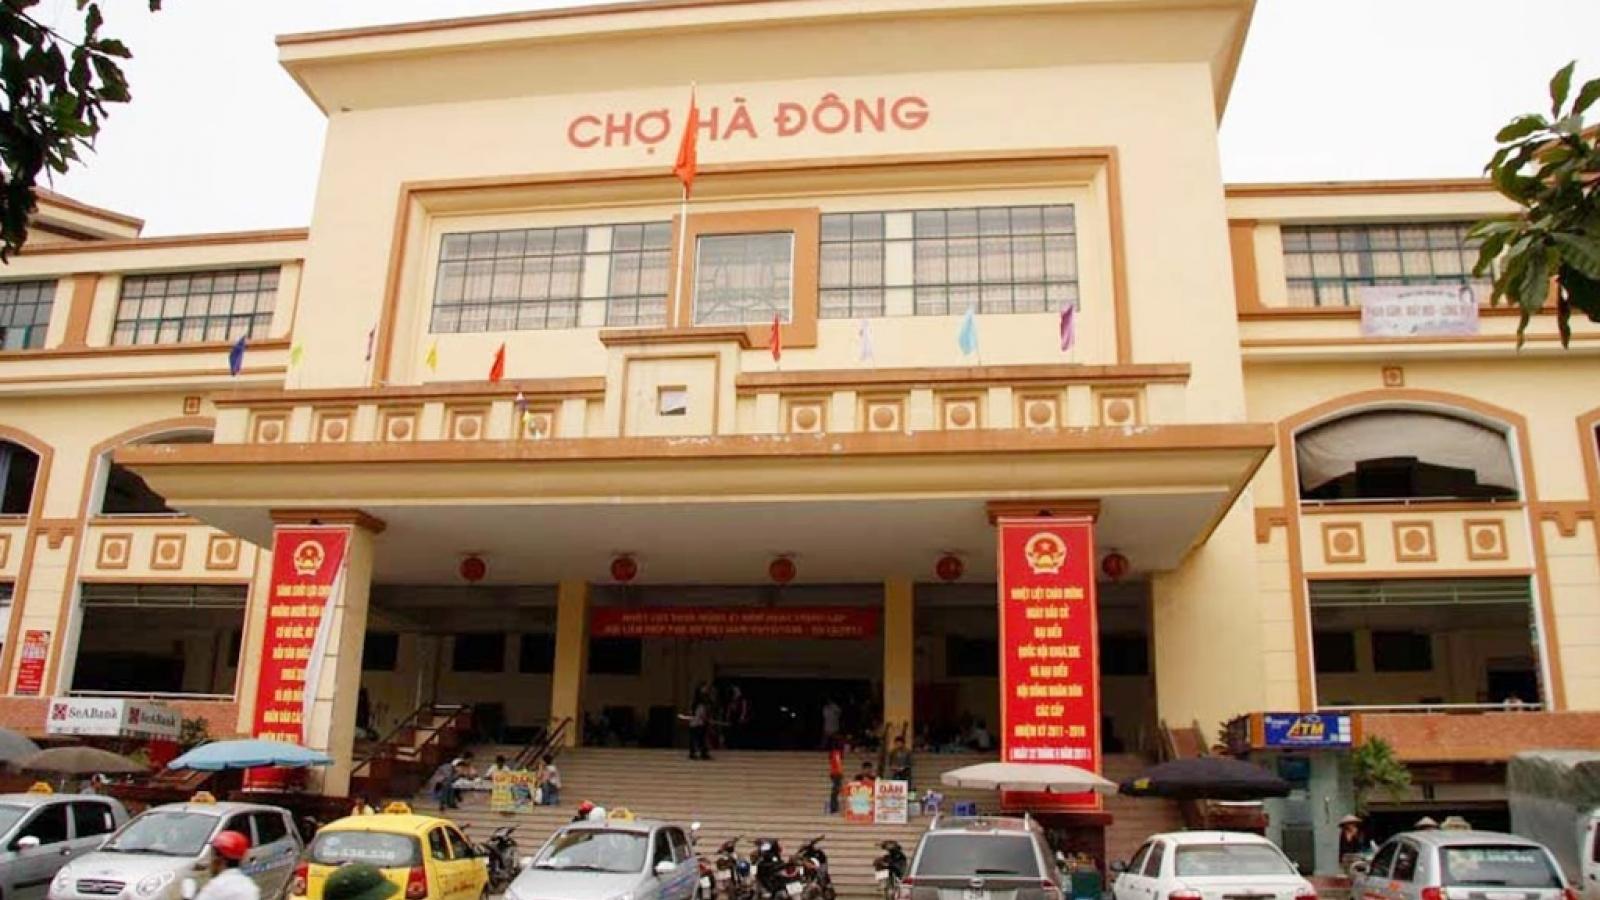 Kẻ lừa đảo rao bán chốt công an ở chợ Hà Đông, giá 1,5 tỷ đồng